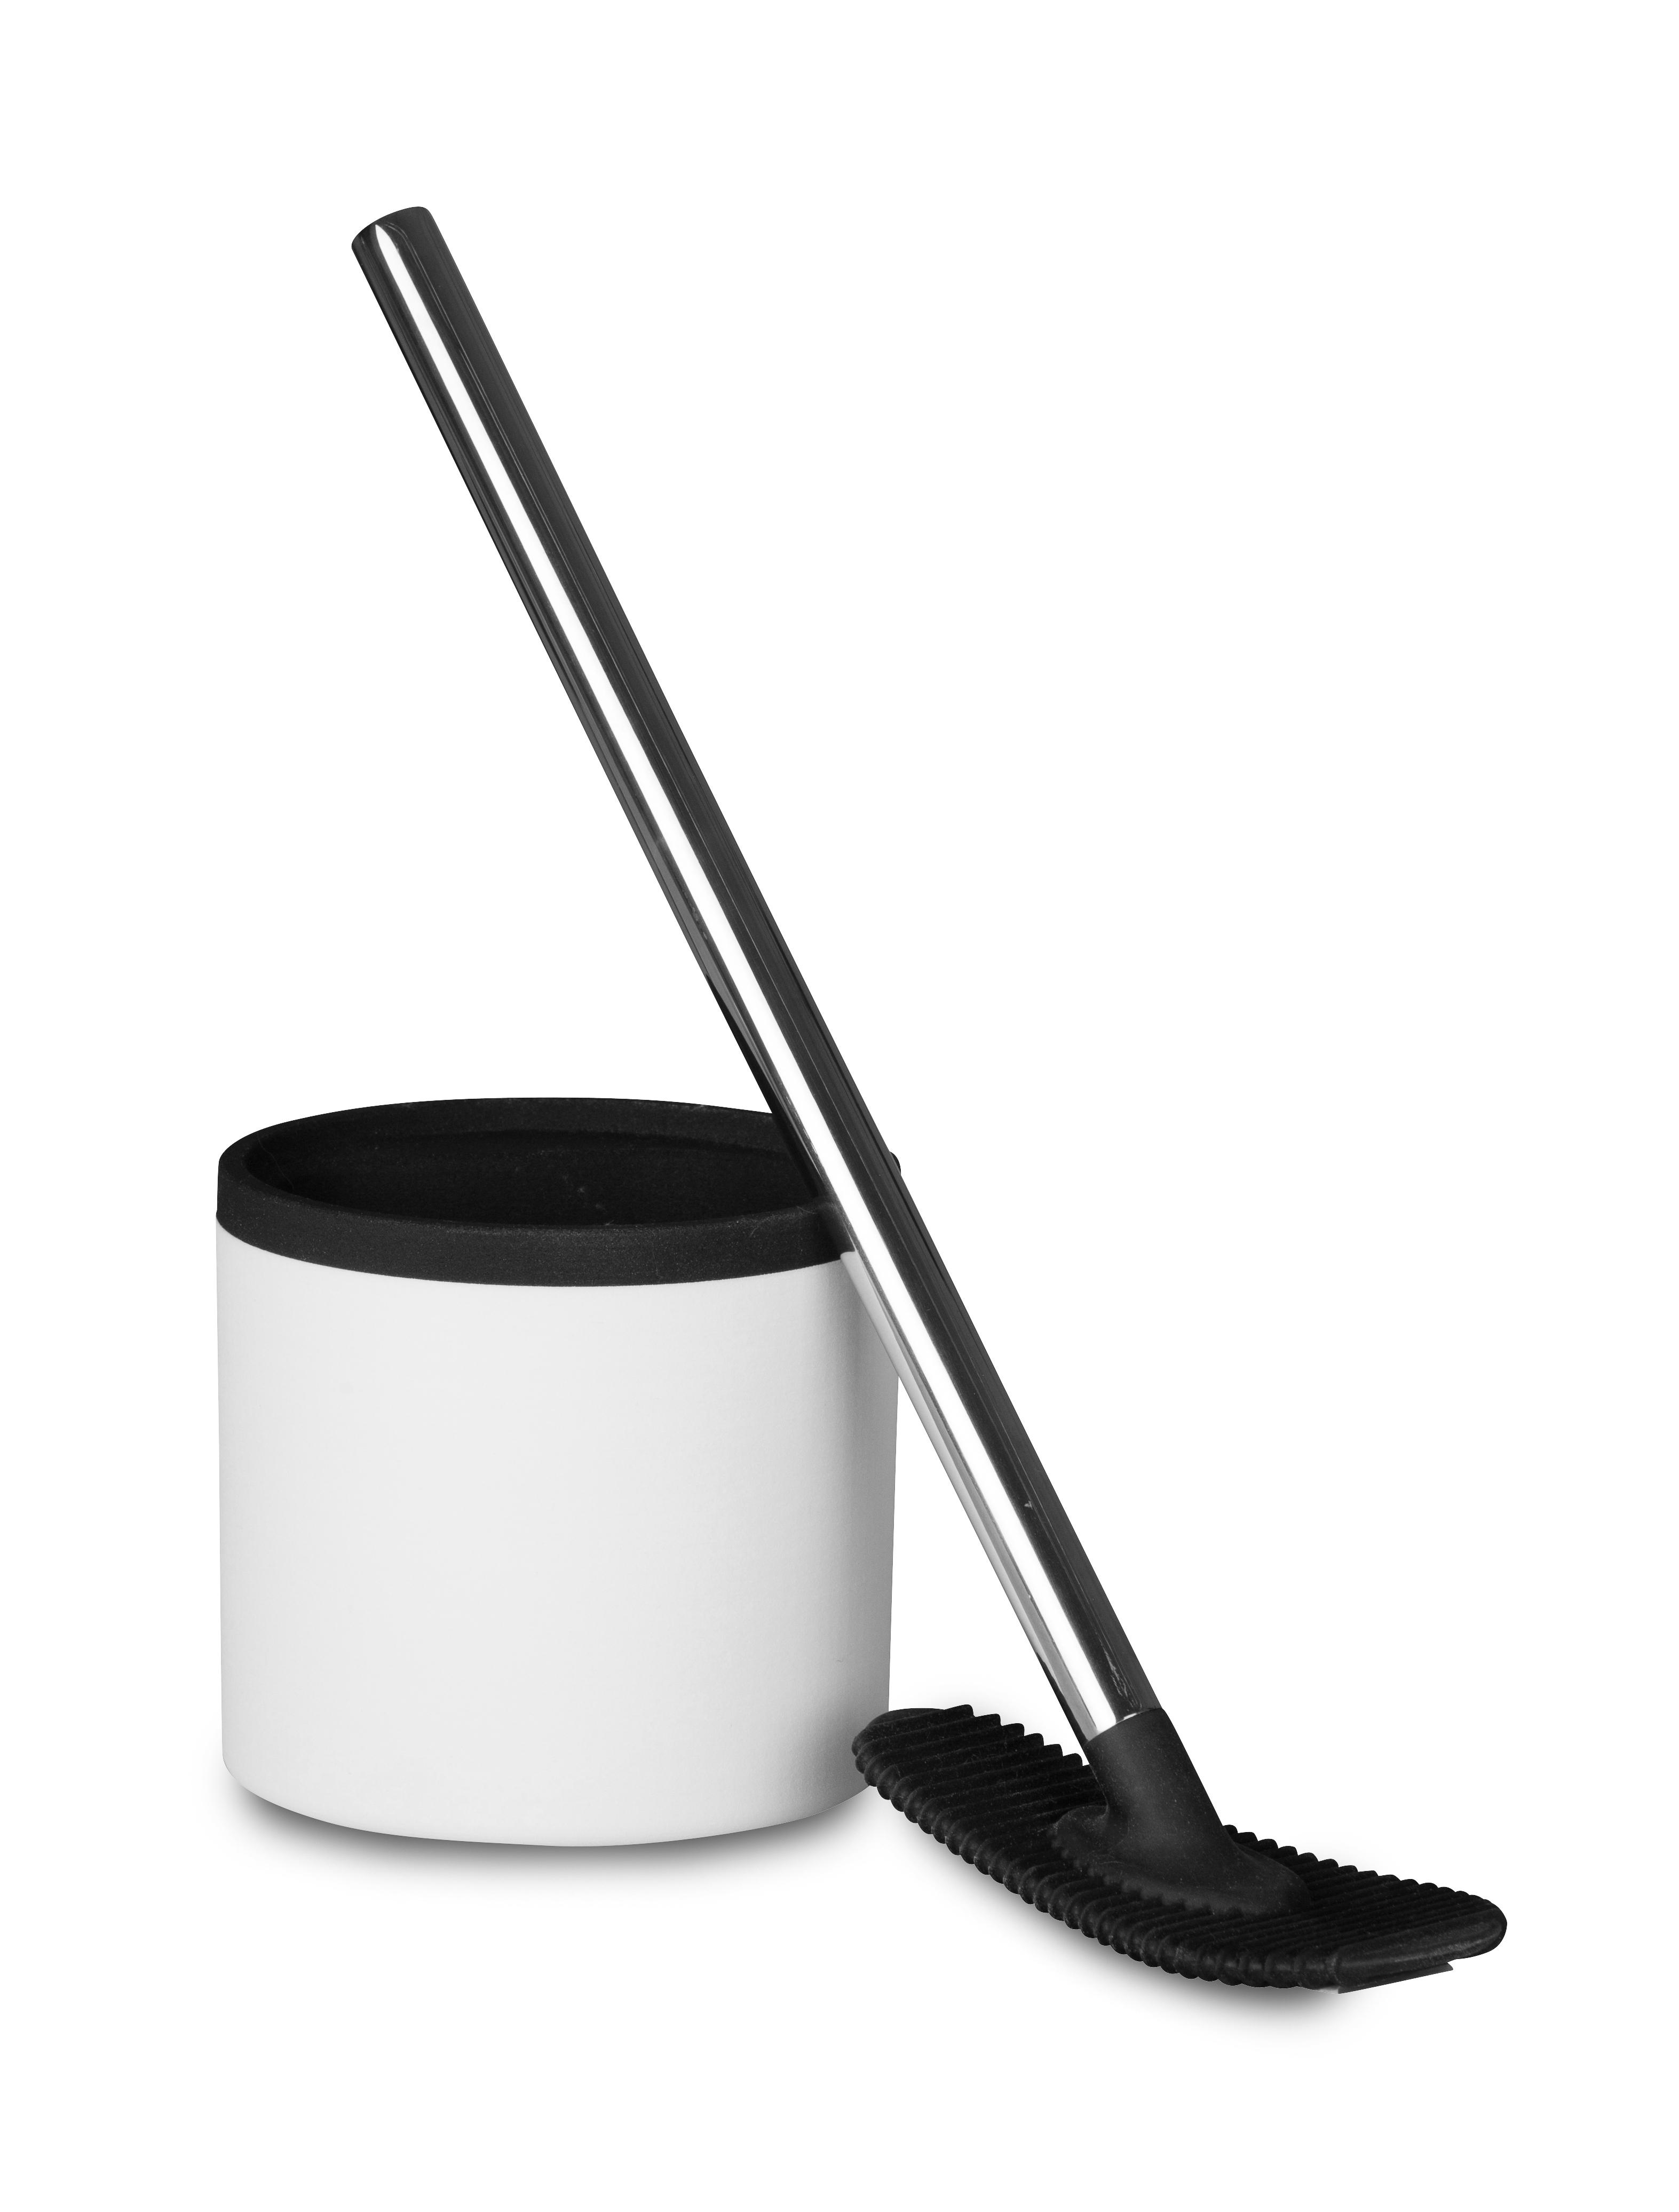 betec ideen rund f r haushalt und bad silikon toilettenb rste wc super clean schwarz wei. Black Bedroom Furniture Sets. Home Design Ideas